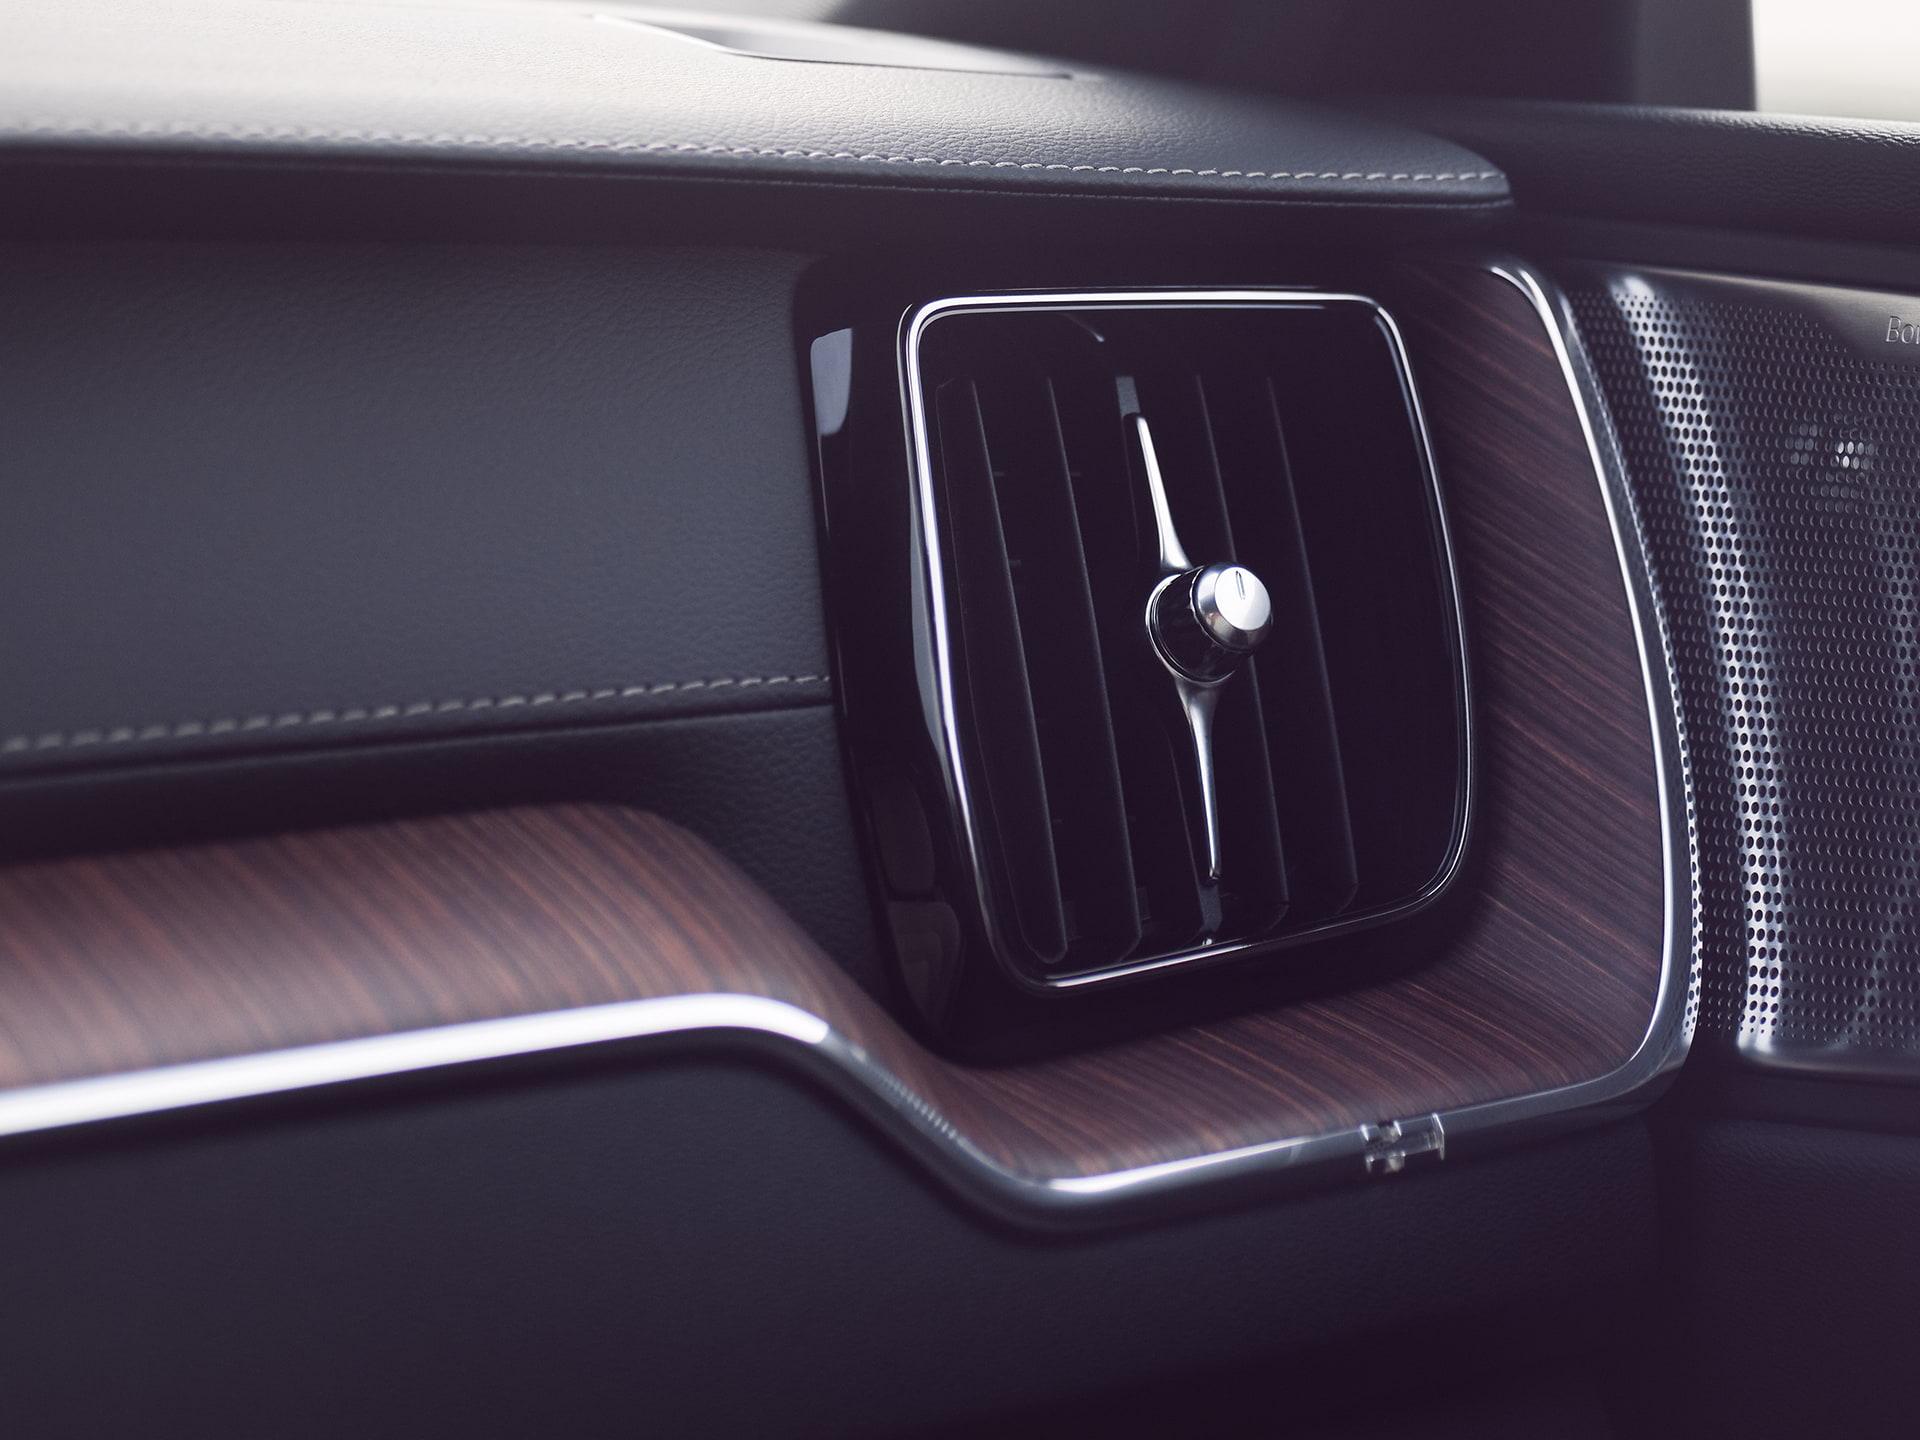 Het geavanceerde Air Quality System in de Volvo XC60 Recharge zorgt voor een betere en gezondere luchtkwaliteit.